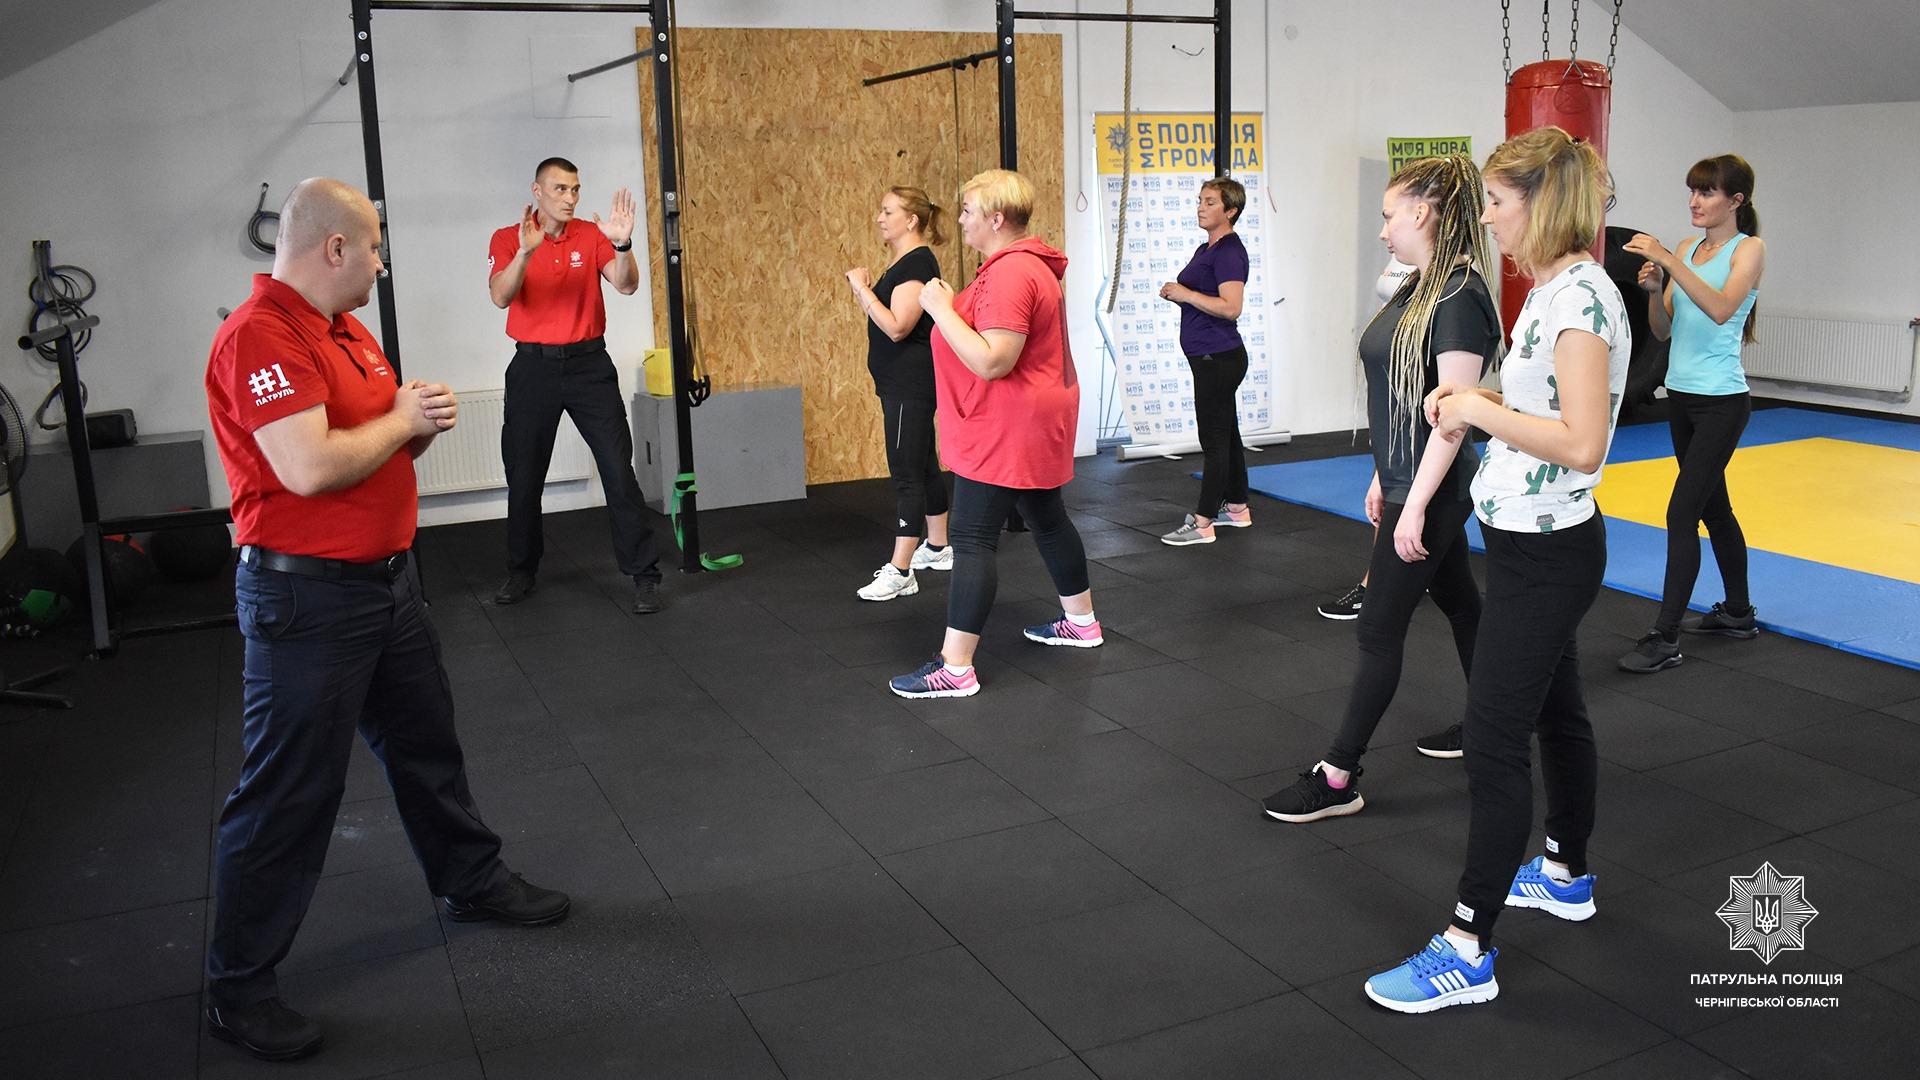 У Чернігові стартували курси самооборони для жінок. ФОТО